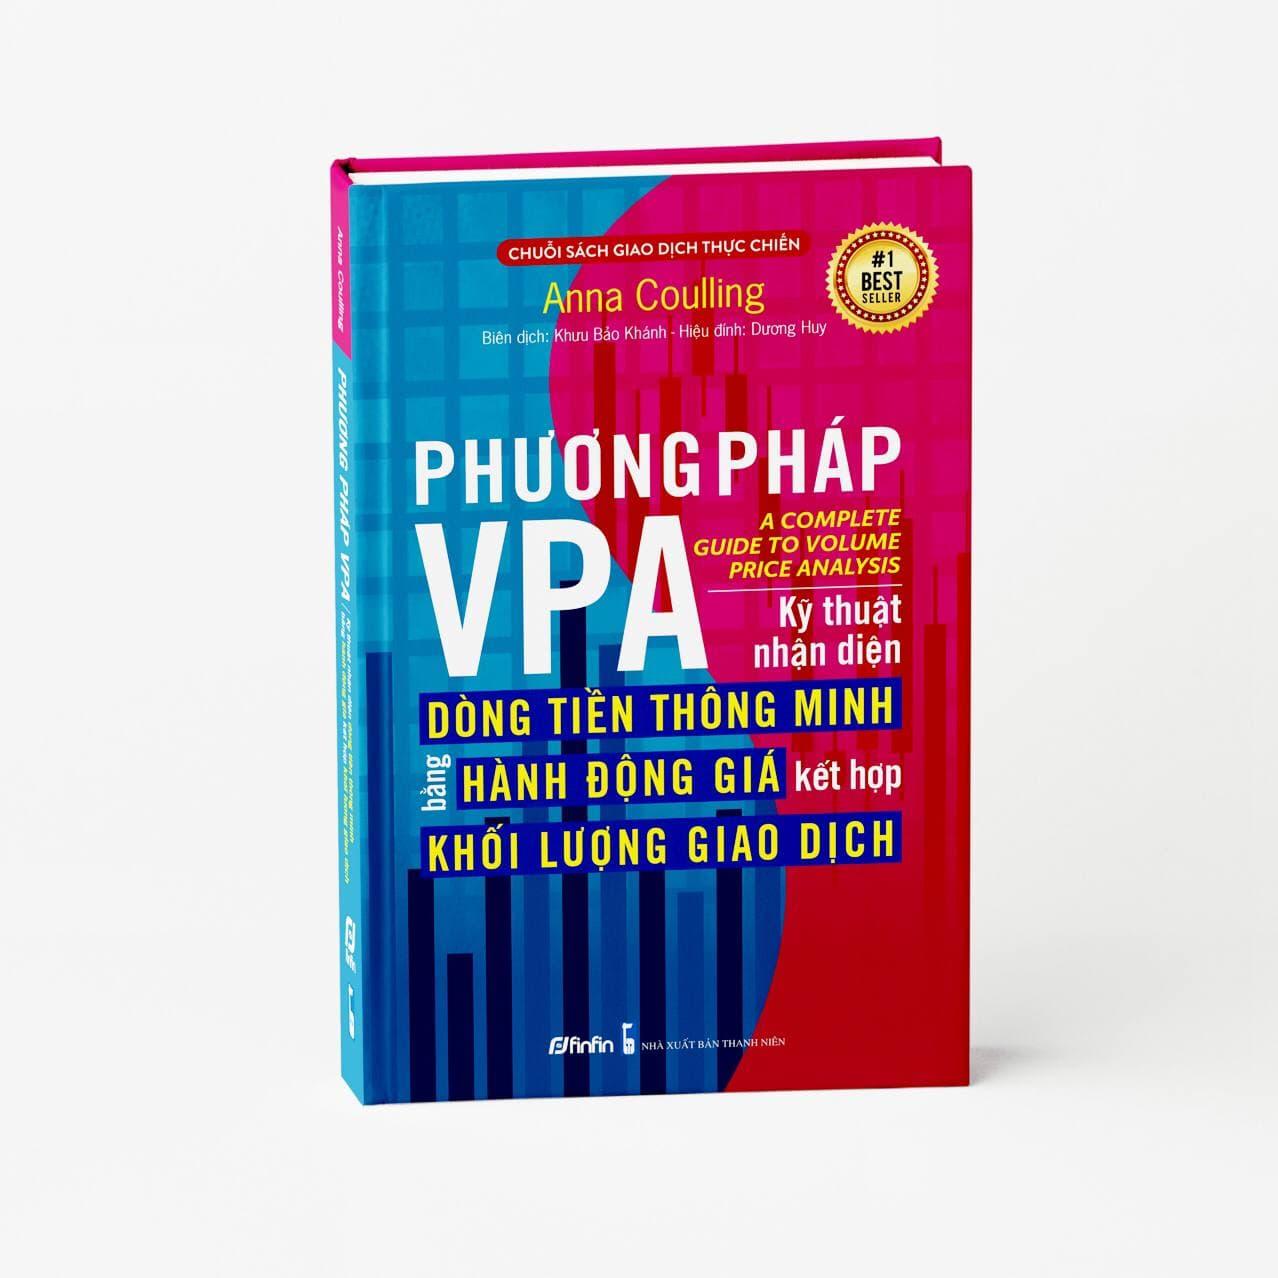 Phương pháp VPA - Kỹ thuật nhận diện Dòng Tiền Thông Minh bằng Hành Động Giá kết hợp Khối Lượng Giao Dịch